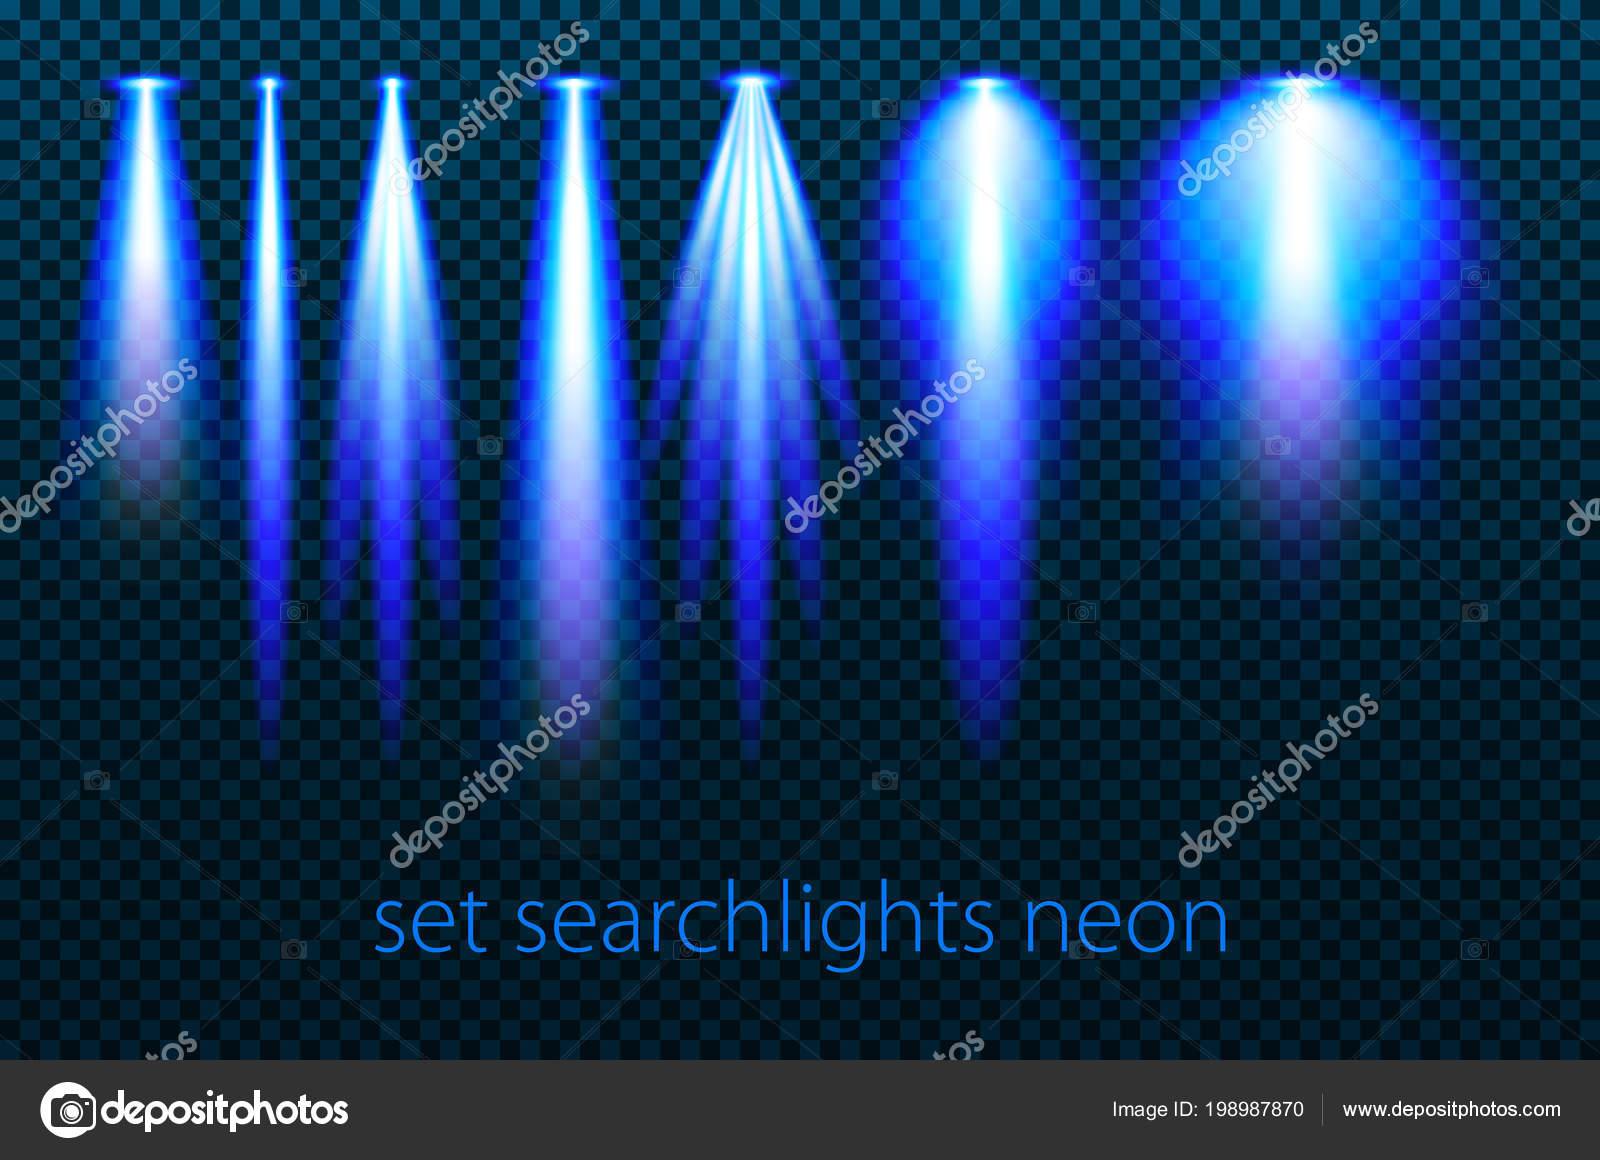 Set proiettori neon uno sfondo trasparente ampia illuminazione con